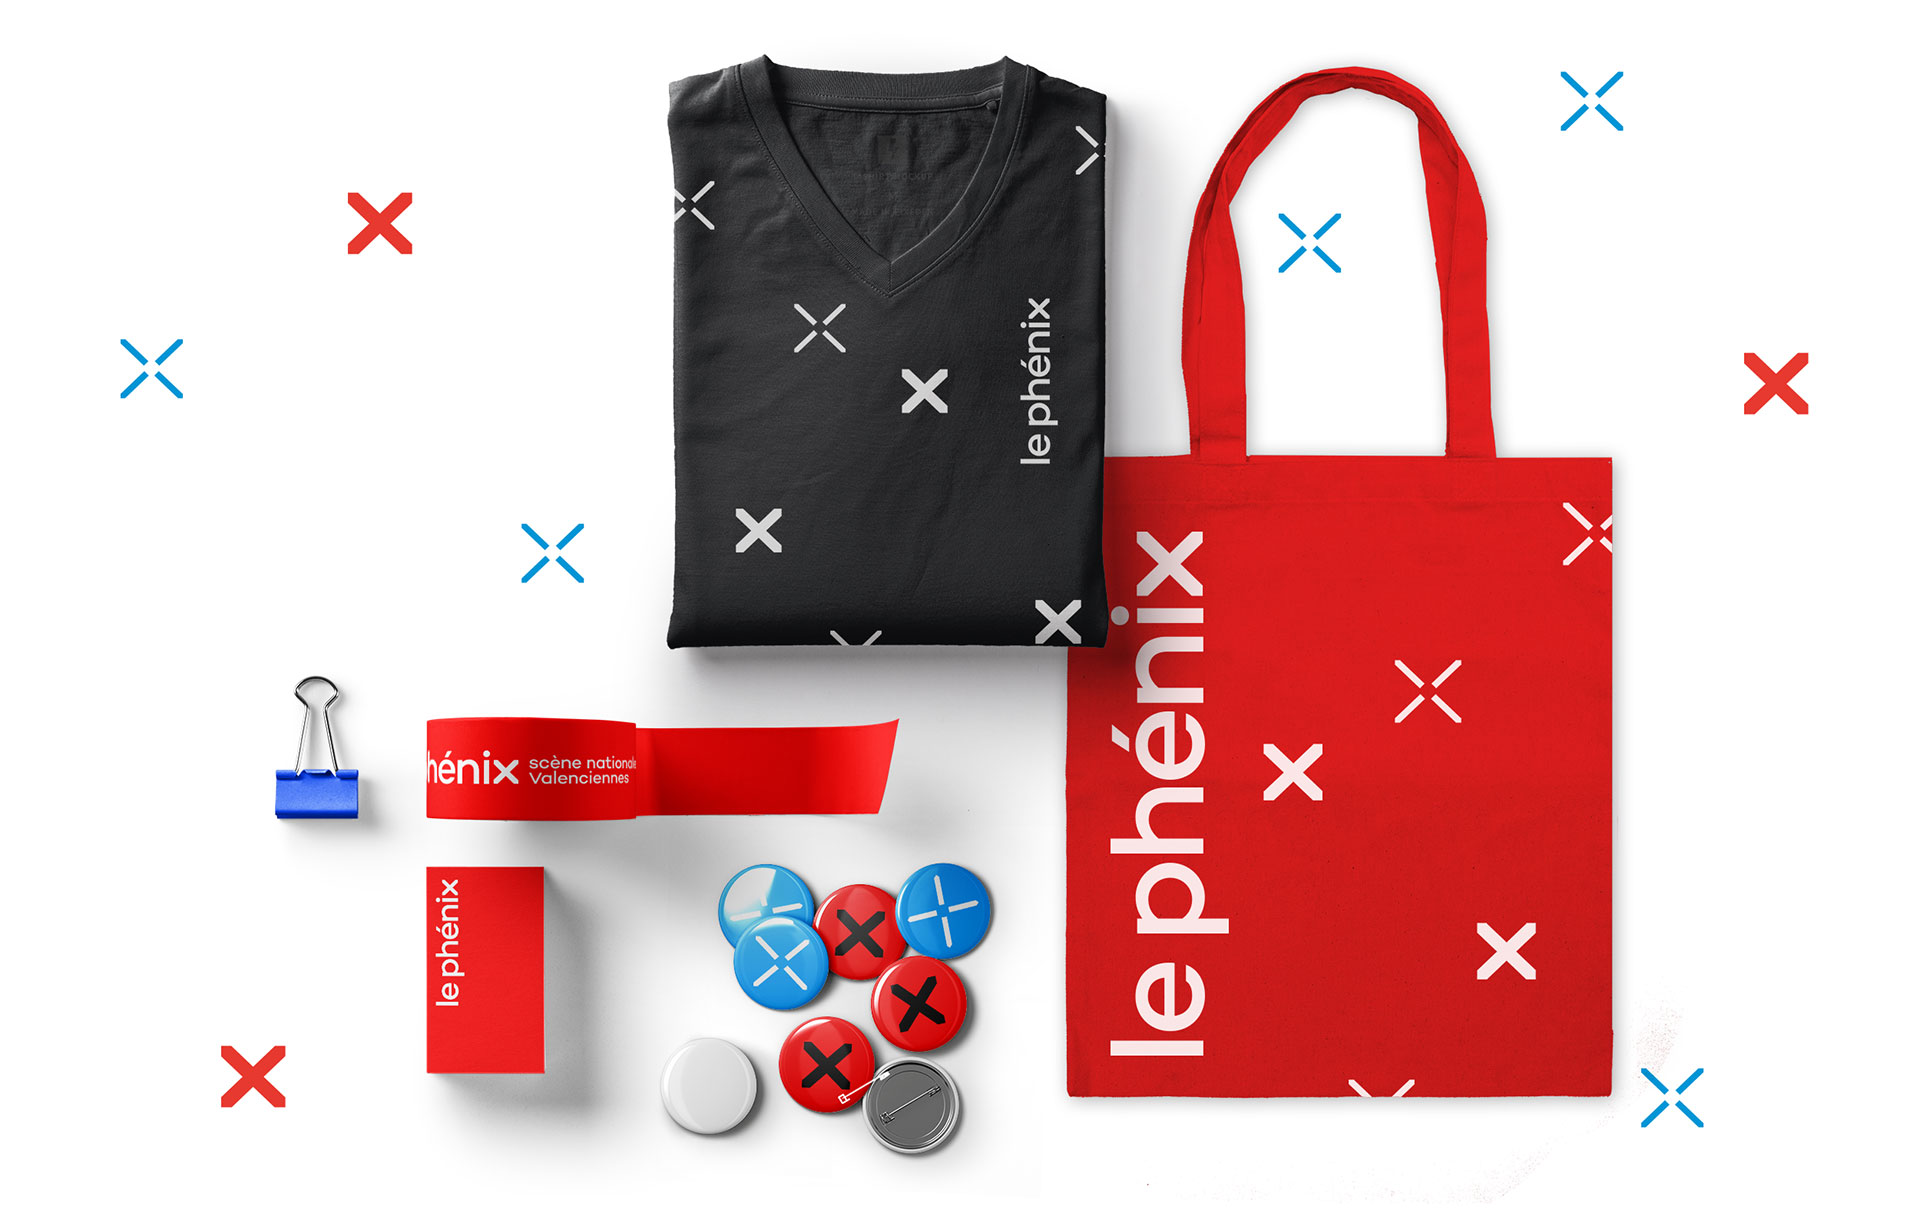 PHENIX_branding